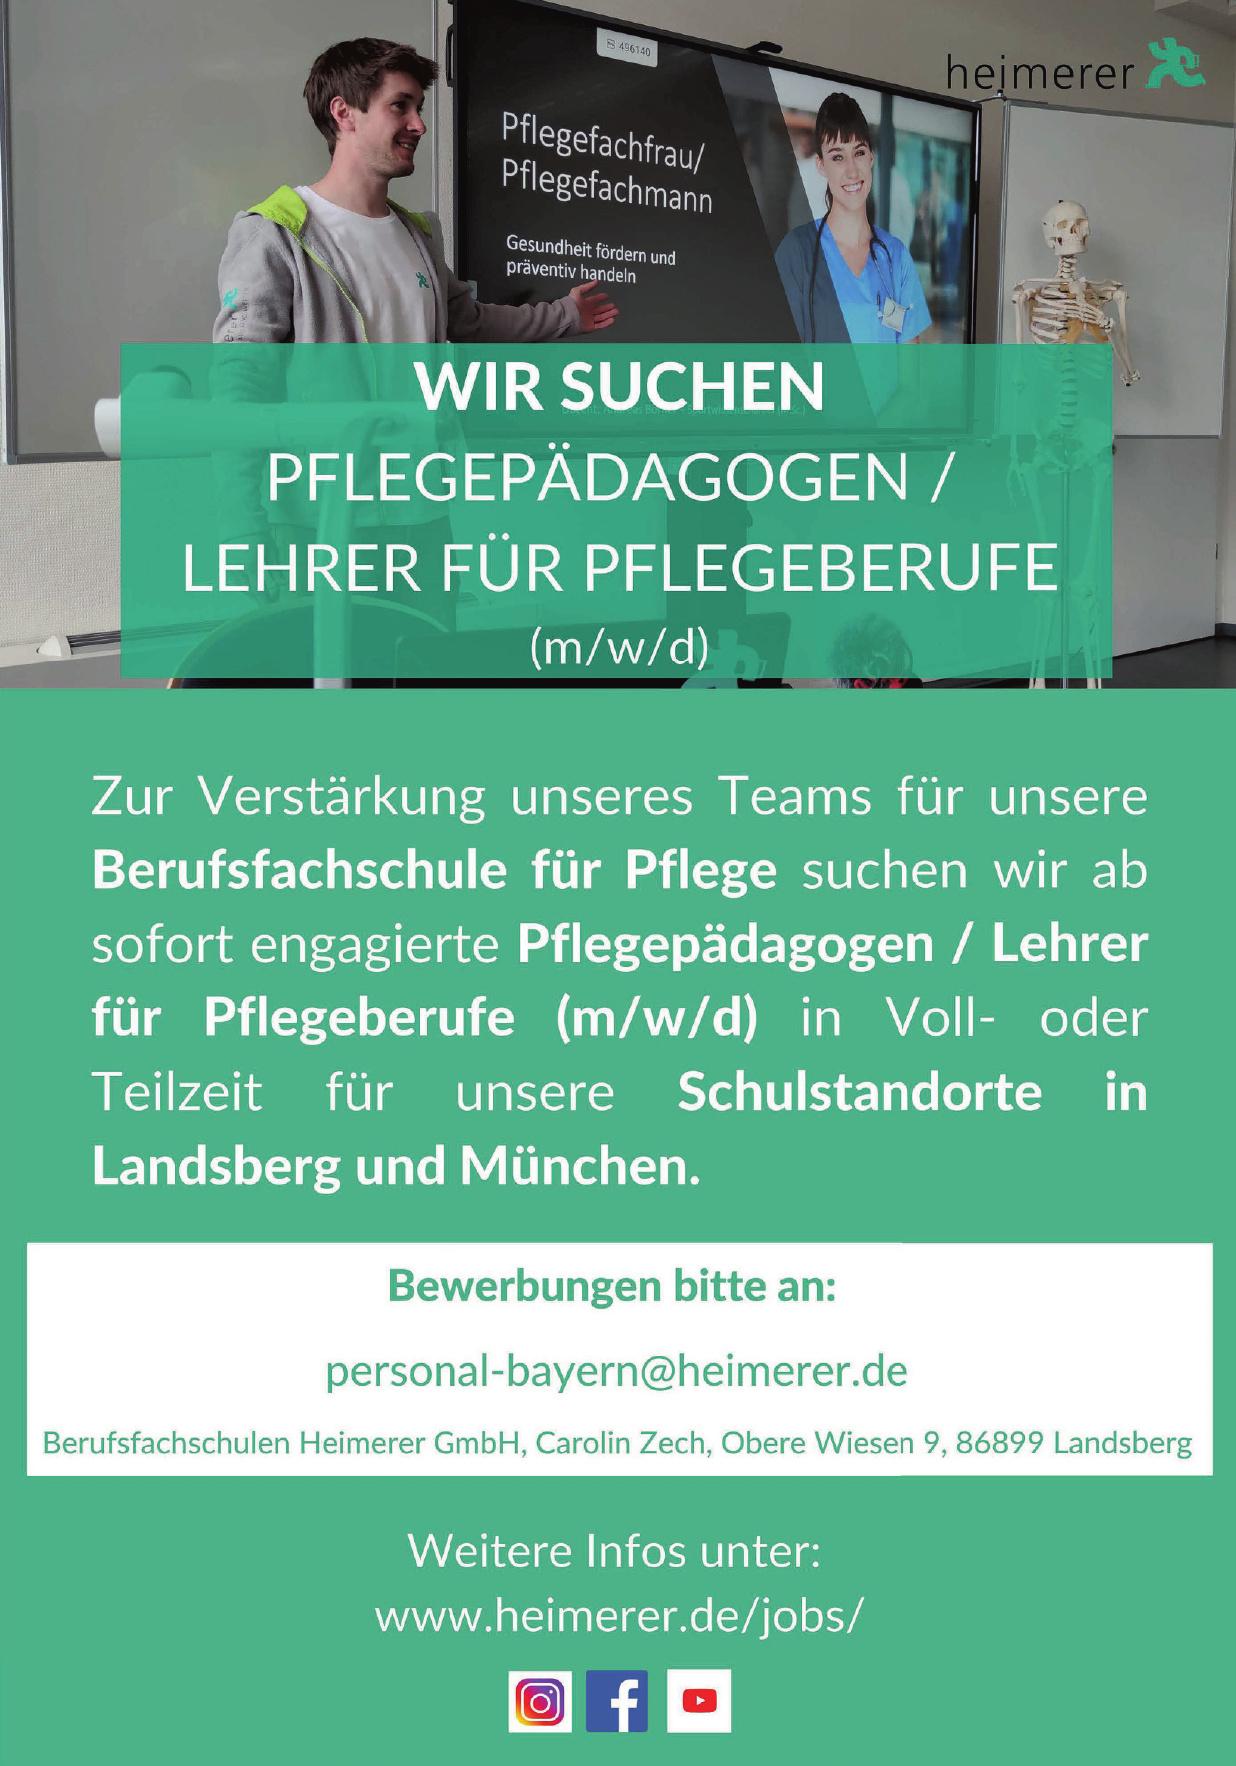 Berufsfachschulen Heimerer GmbH